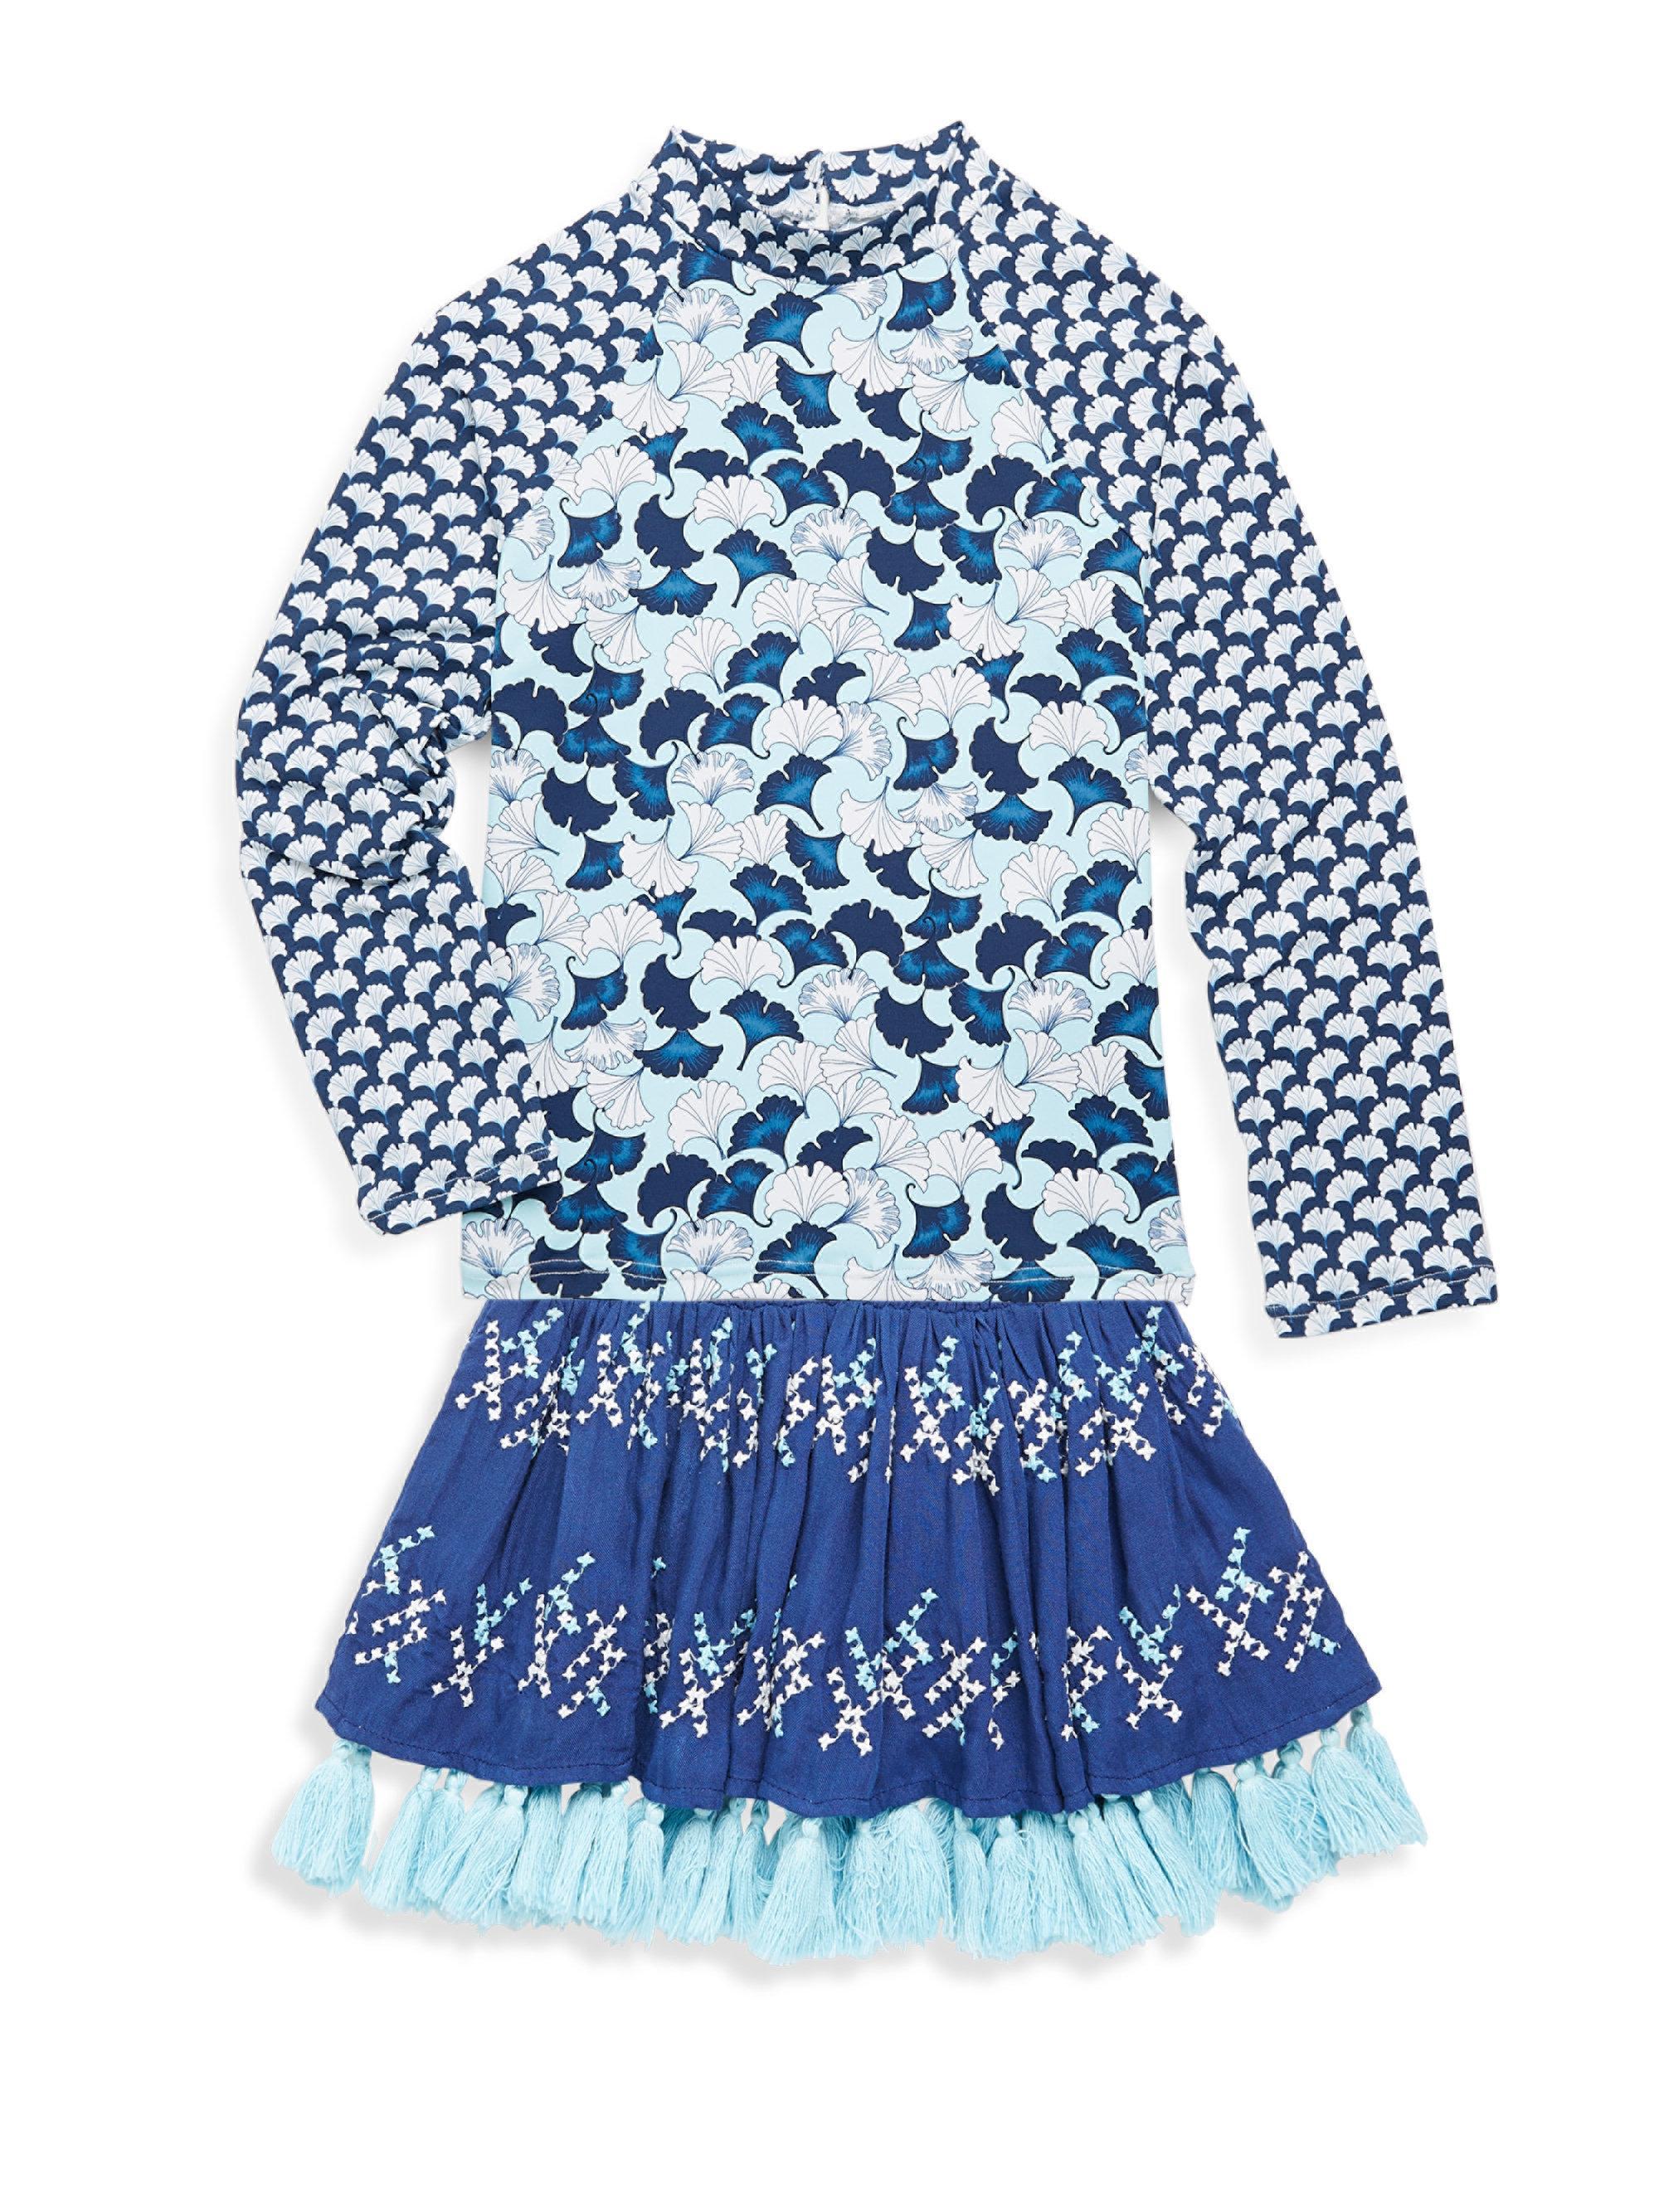 76c0433bde OndadeMar Little Girl's & Girl's Lotto Skirt in Blue - Lyst